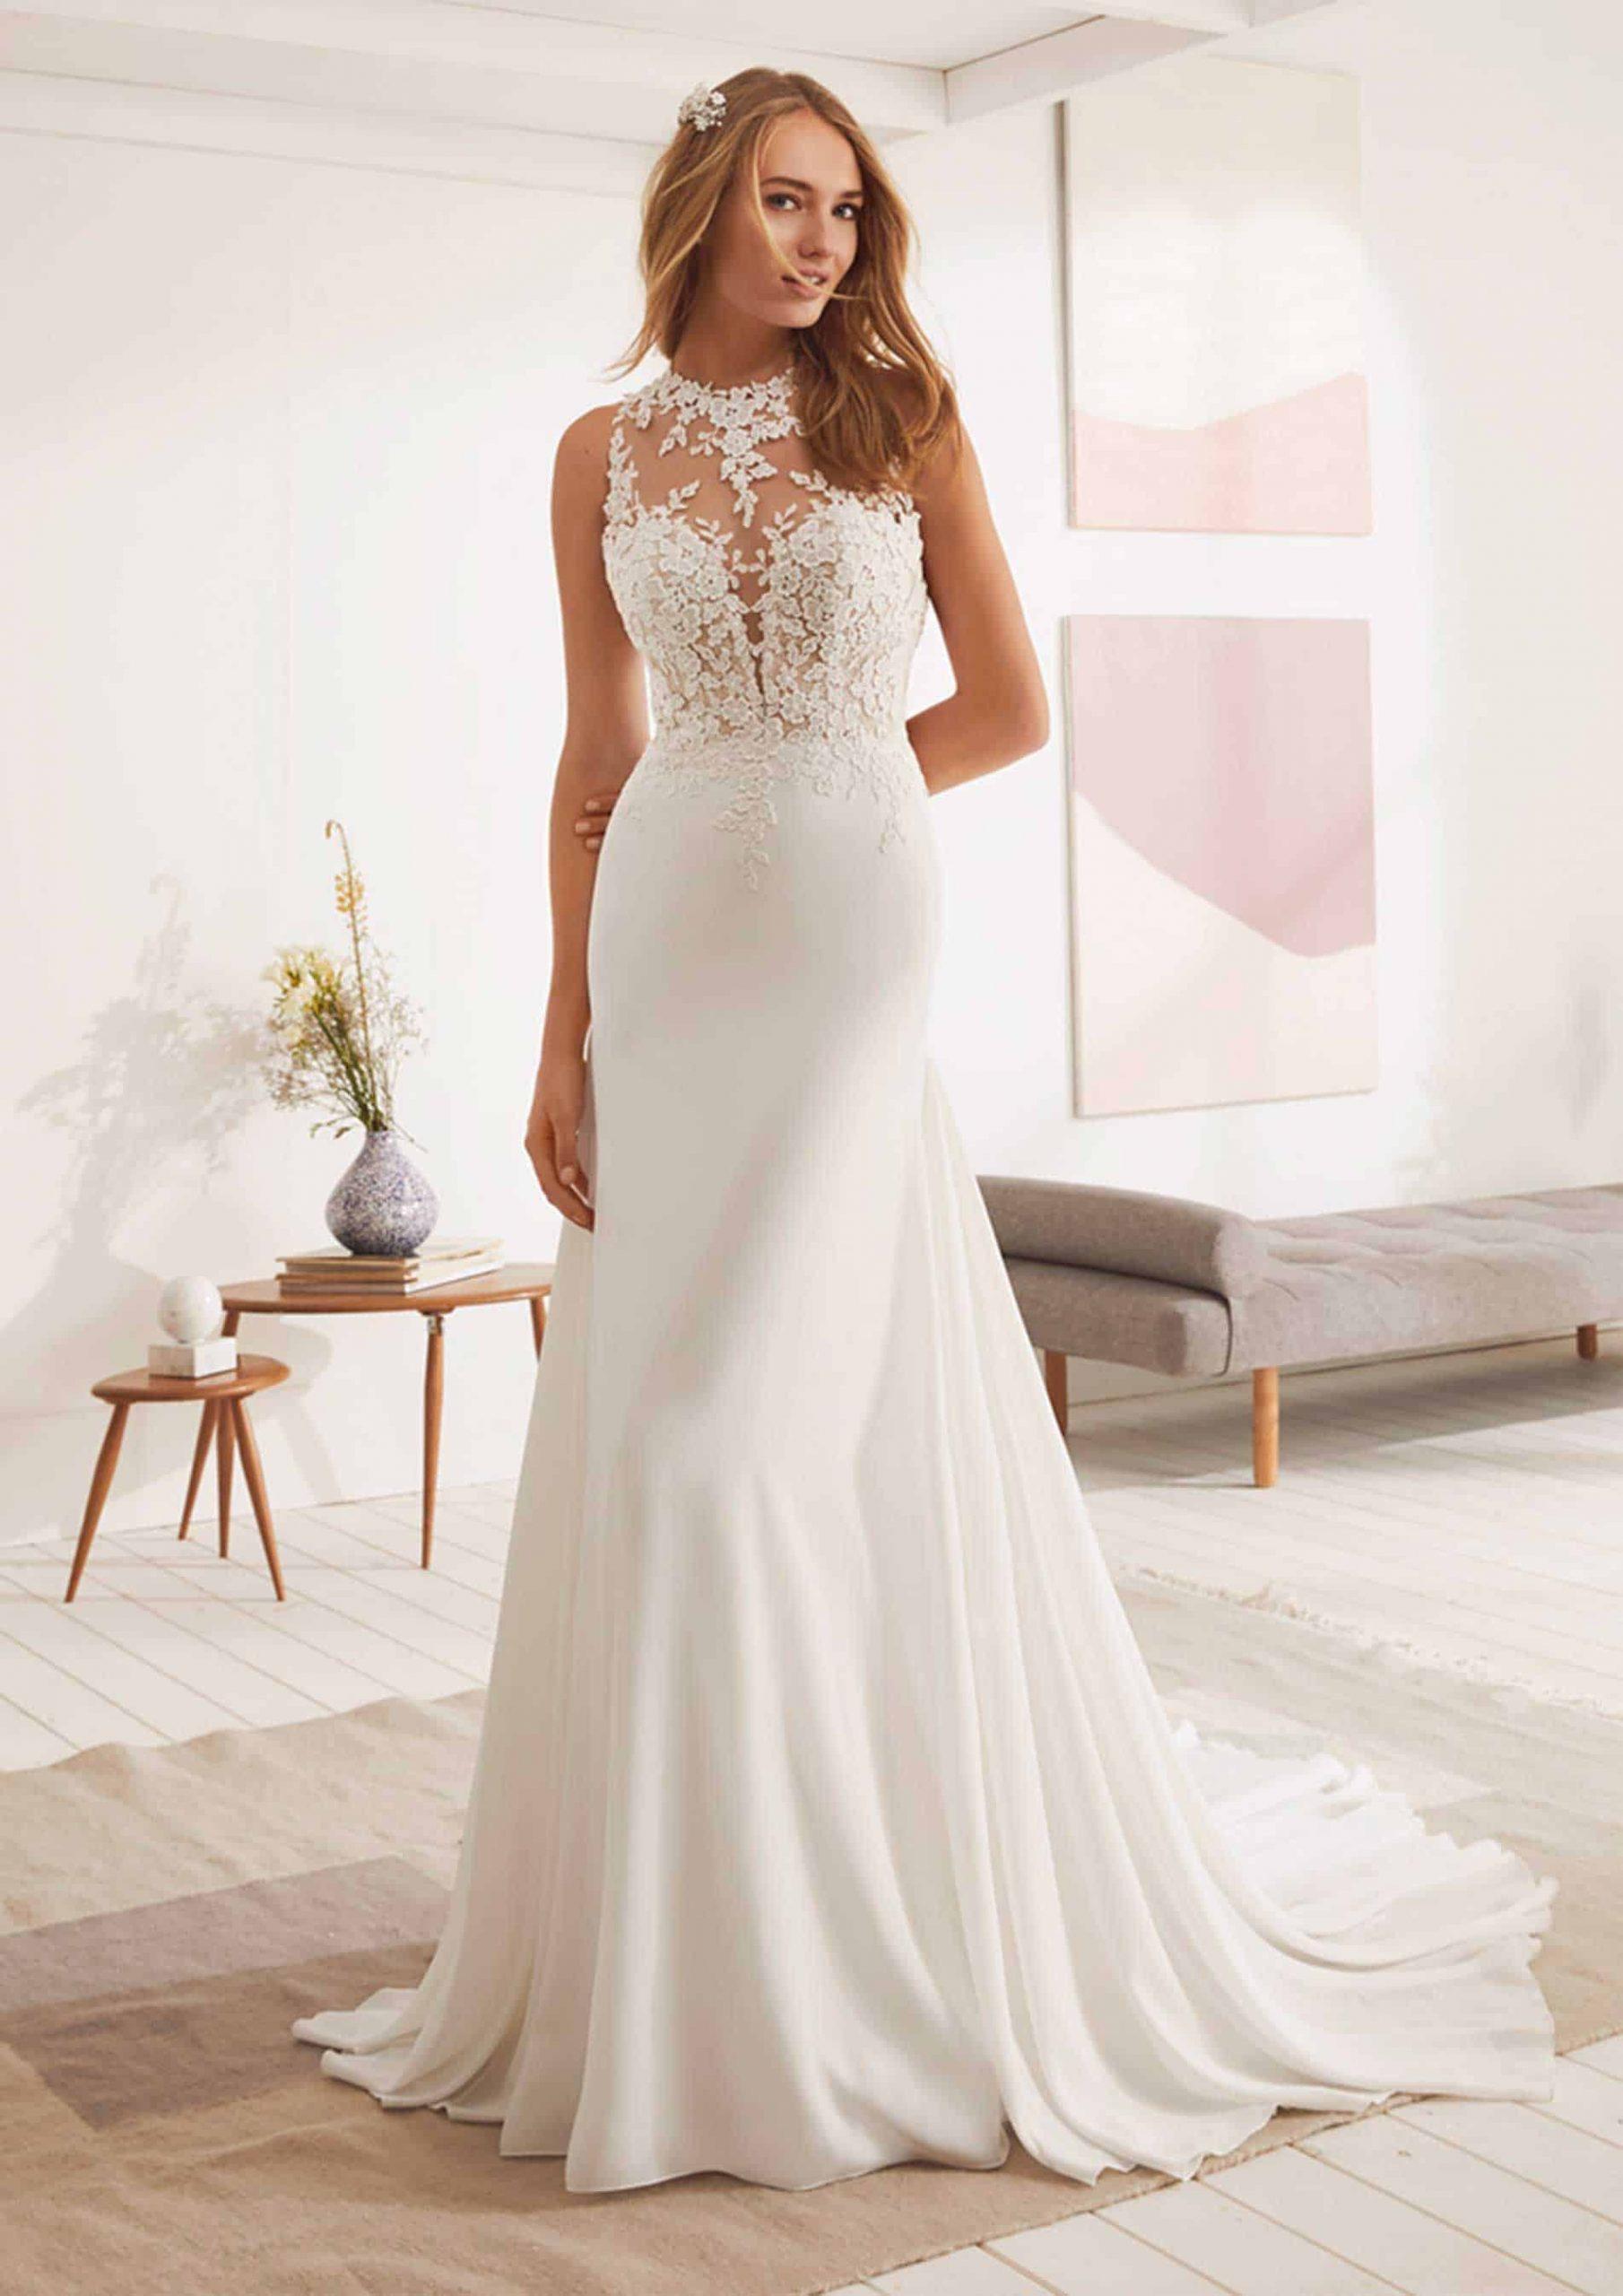 10 Wunderbar Hochzeitskleider Brautkleider Design17 Cool Hochzeitskleider Brautkleider Spezialgebiet